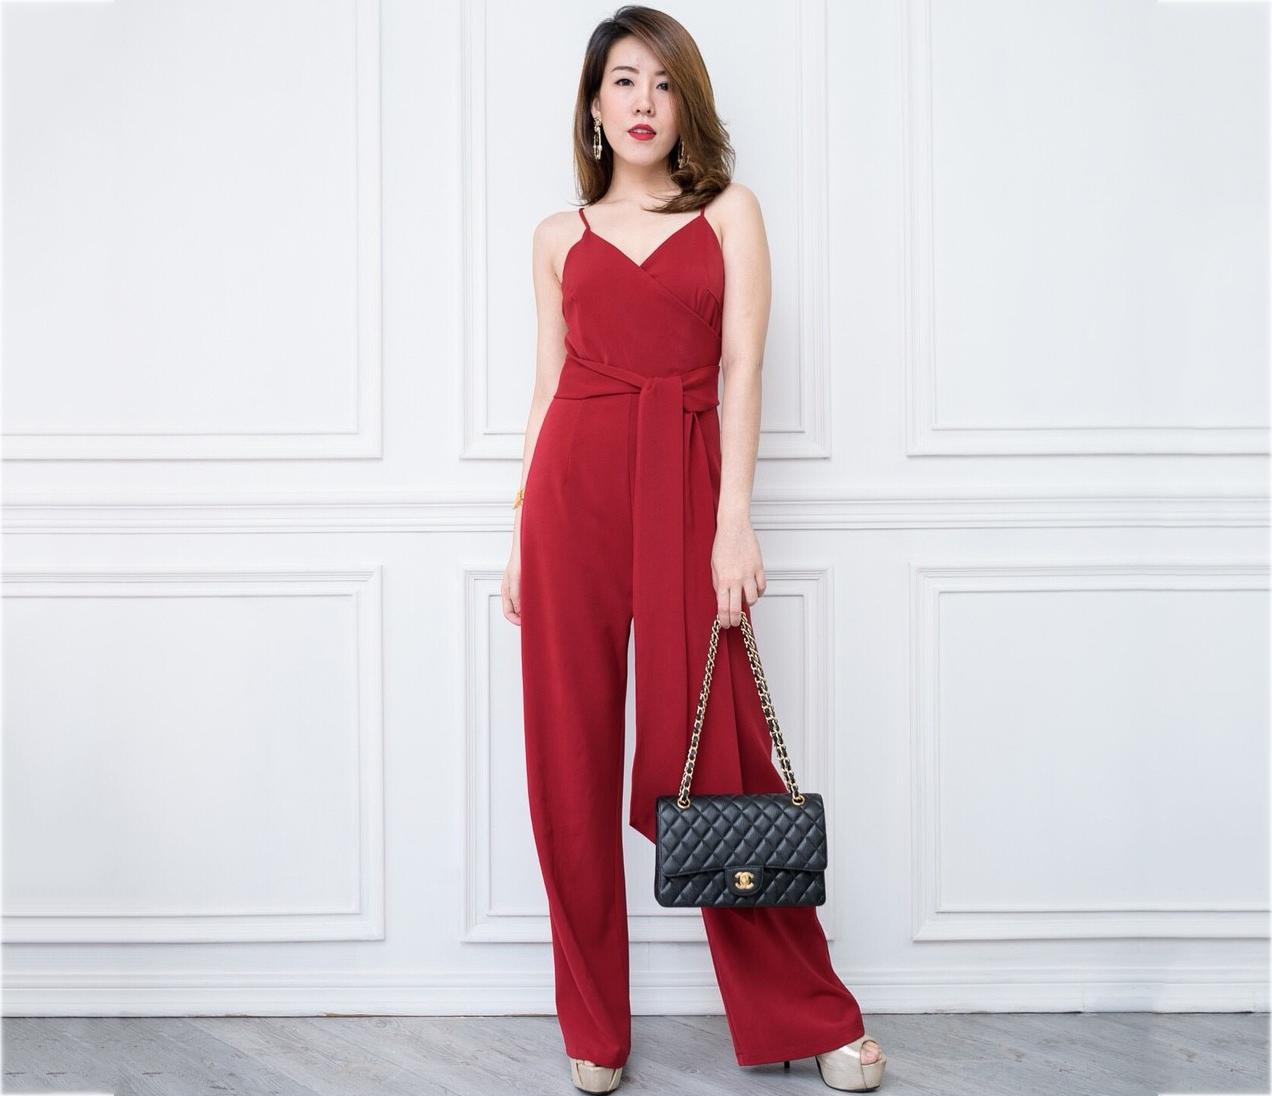 ชุดจั๊มสูทกางเกงขายาวสีแดง สายเดี่ยว กางเกงขากระบอก มาพร้อมผ้าผูกเอว : พร้อมส่ง